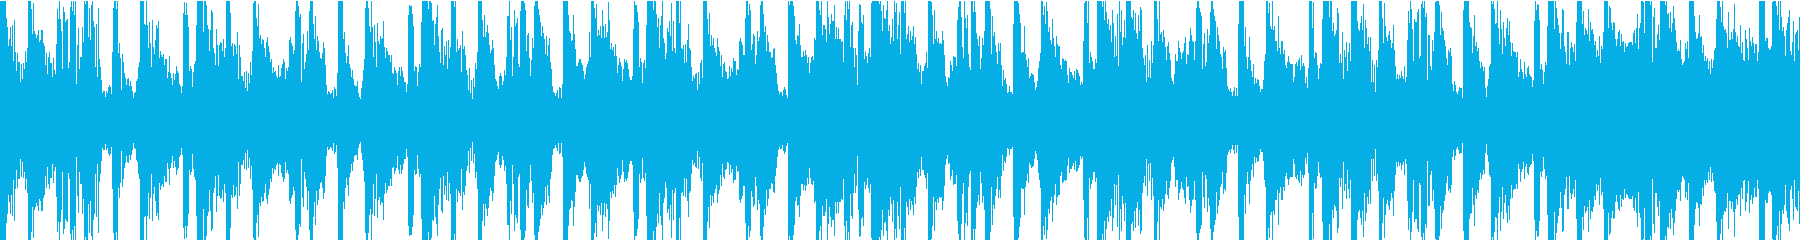 チャンキーでグルーヴィーなドラムン...の再生済みの波形